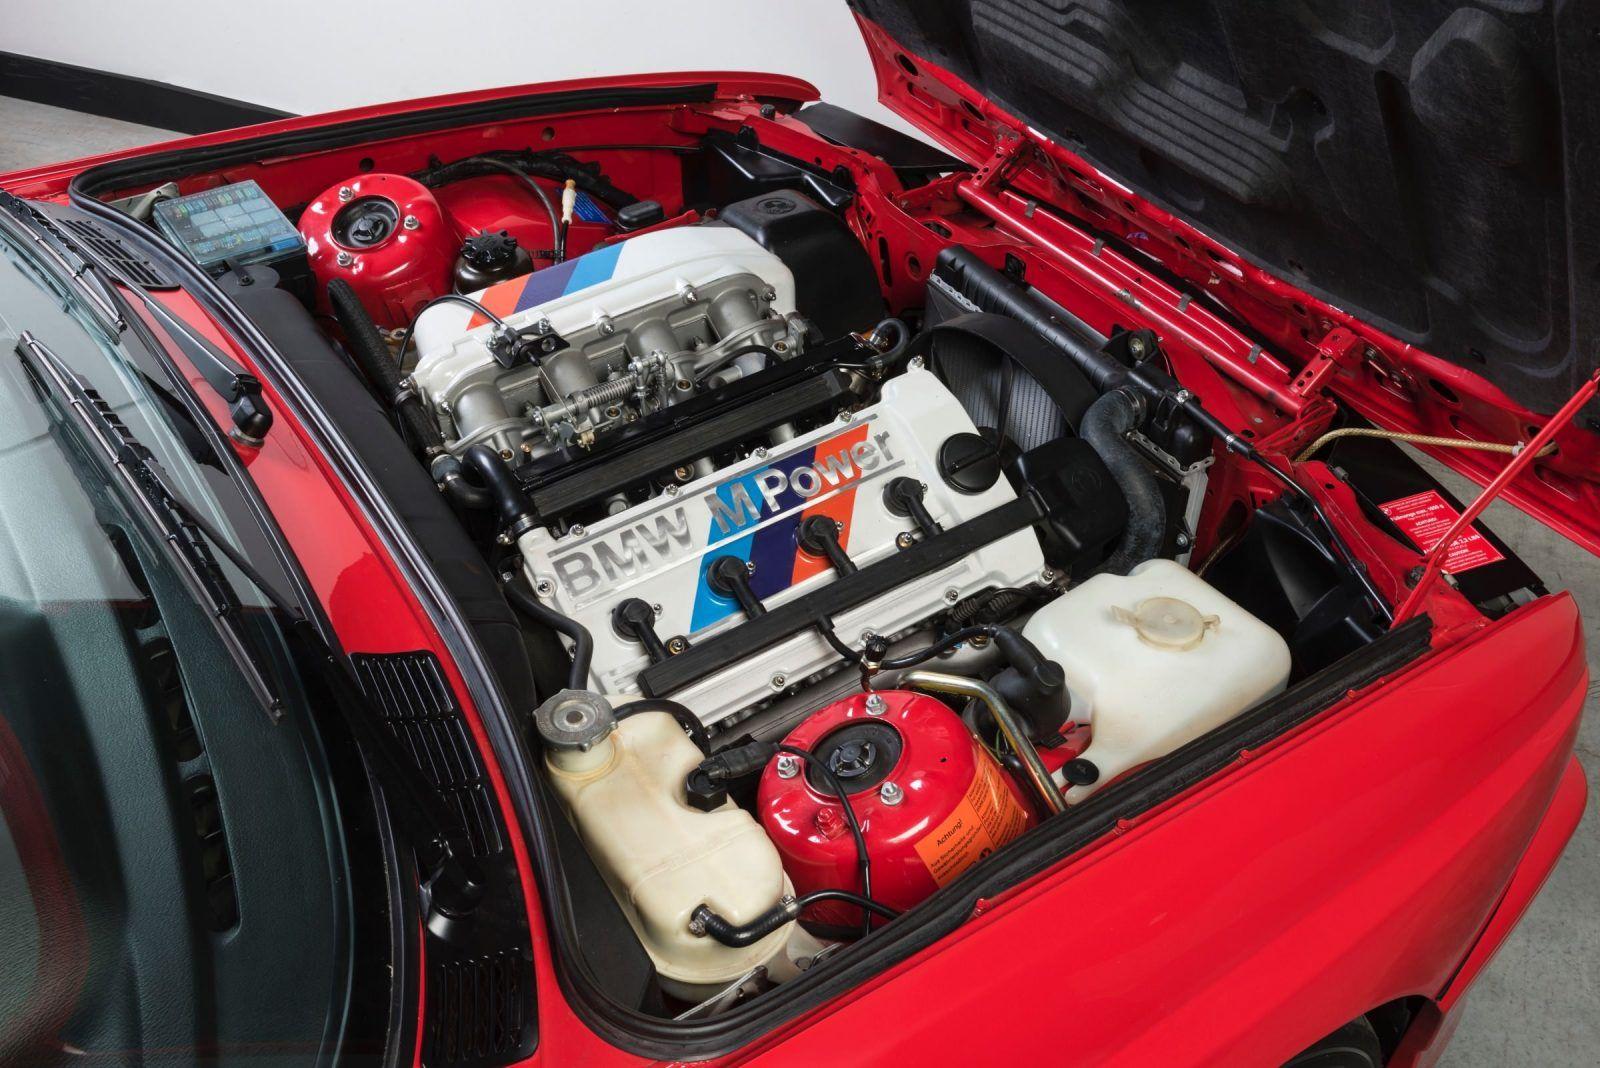 1988 Bmw E30 M3 Evo 2 With Images Bmw E30 Bmw E30 M3 E30